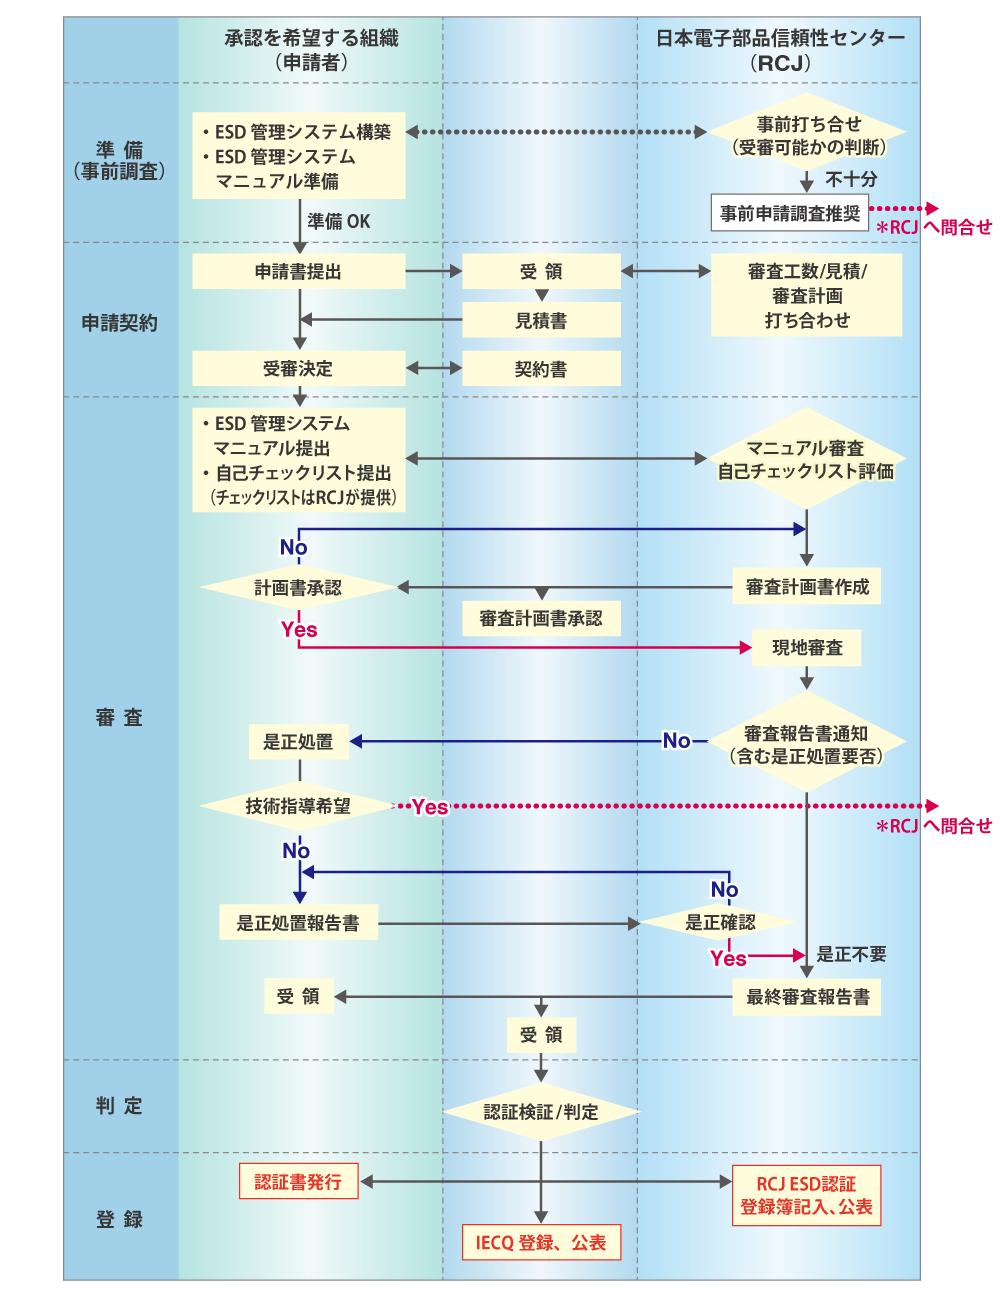 ESD管理システム認証フロー図